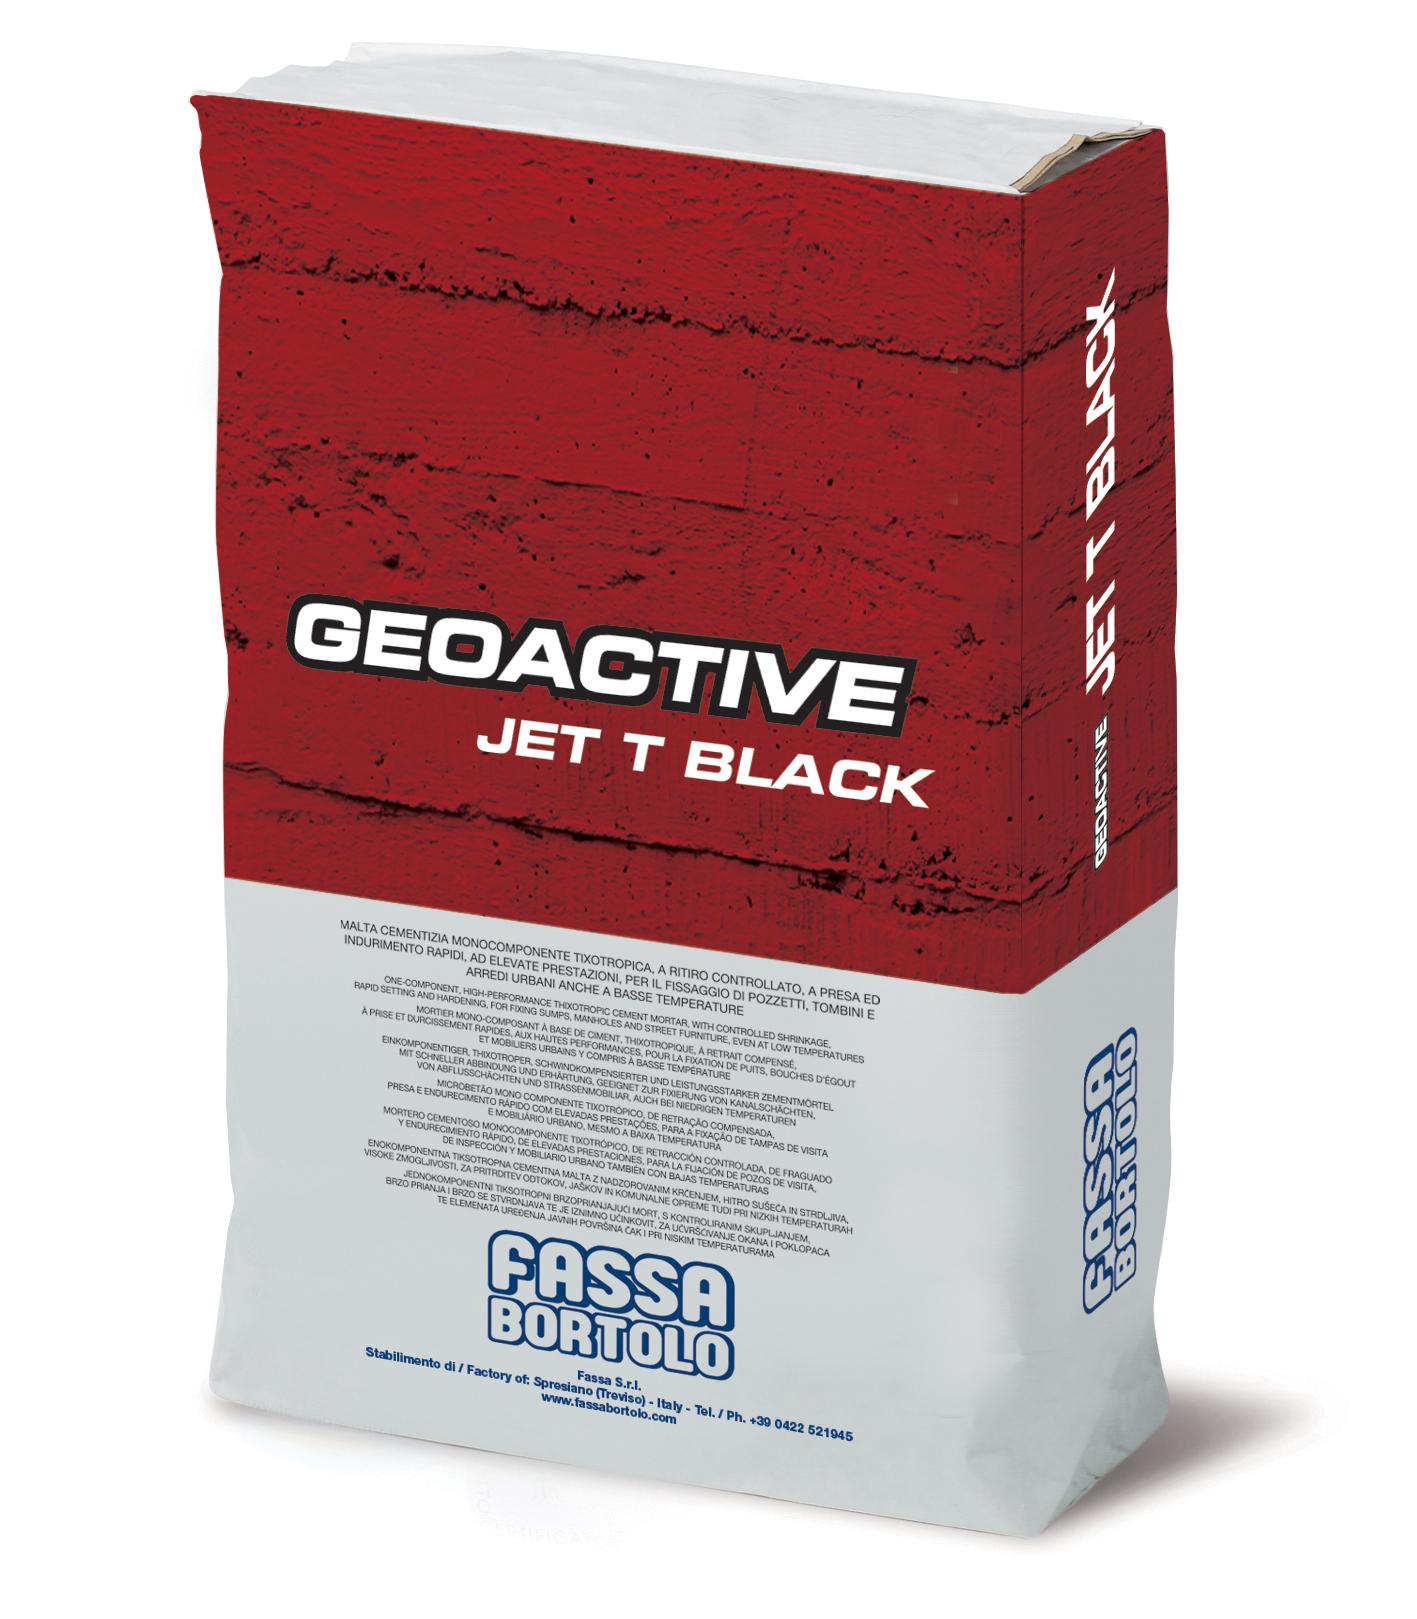 GEOACTIVE JET T BLACK: Mortero cementoso monocomponente rápido, de color negro, tixotrópico, reforzado con fibra, de altas prestaciones, para la colocación de tapas de alcantarillas y la fijación de mobiliario urbano incluso a bajas temperaturas